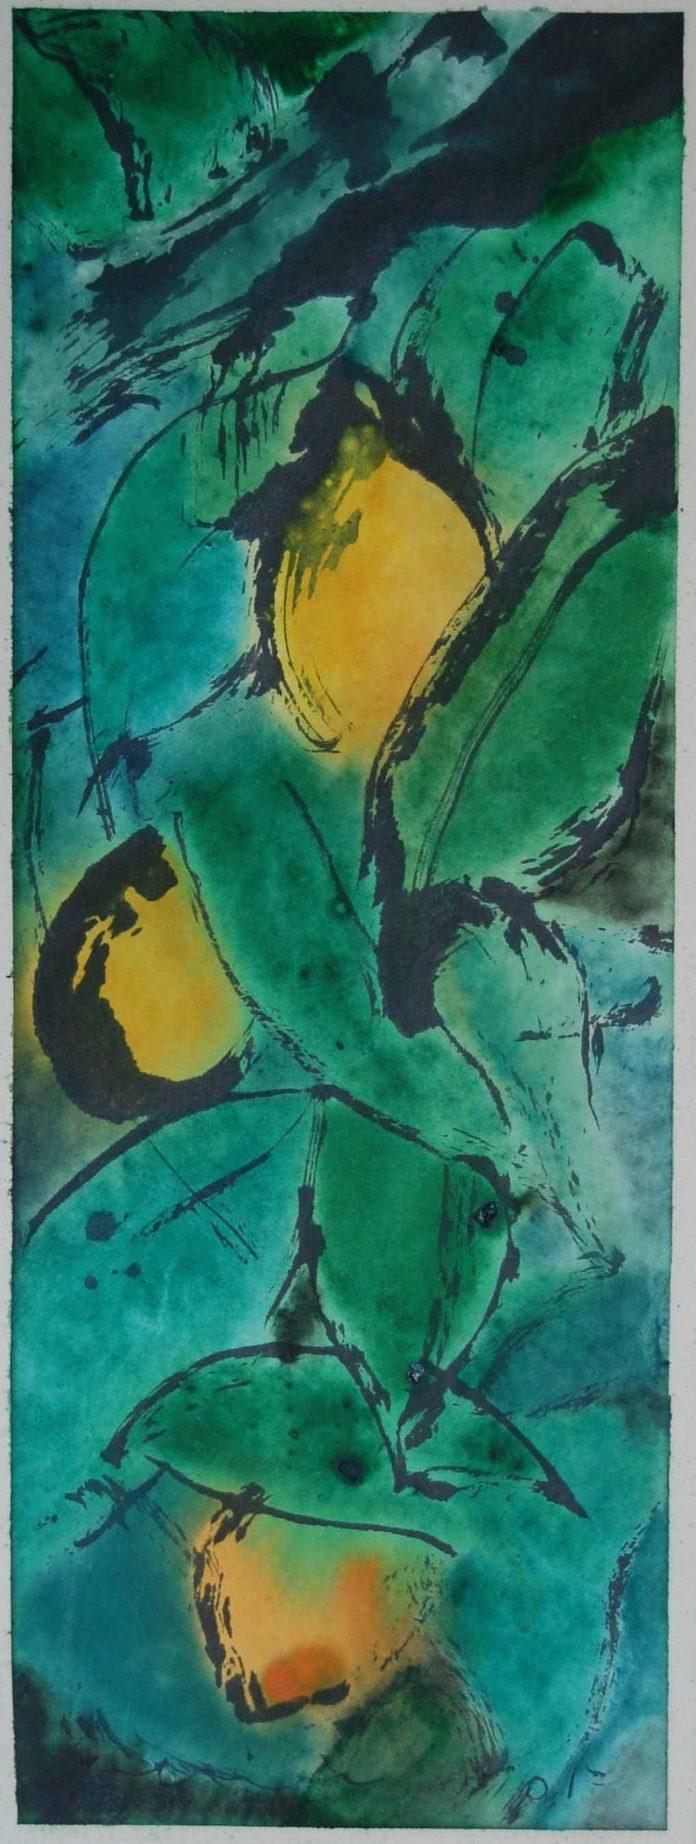 INAUGURACIÓ de l'exposició AROMA de PERICO PASTOR a la GALERIA D'ART ANQUIN'S